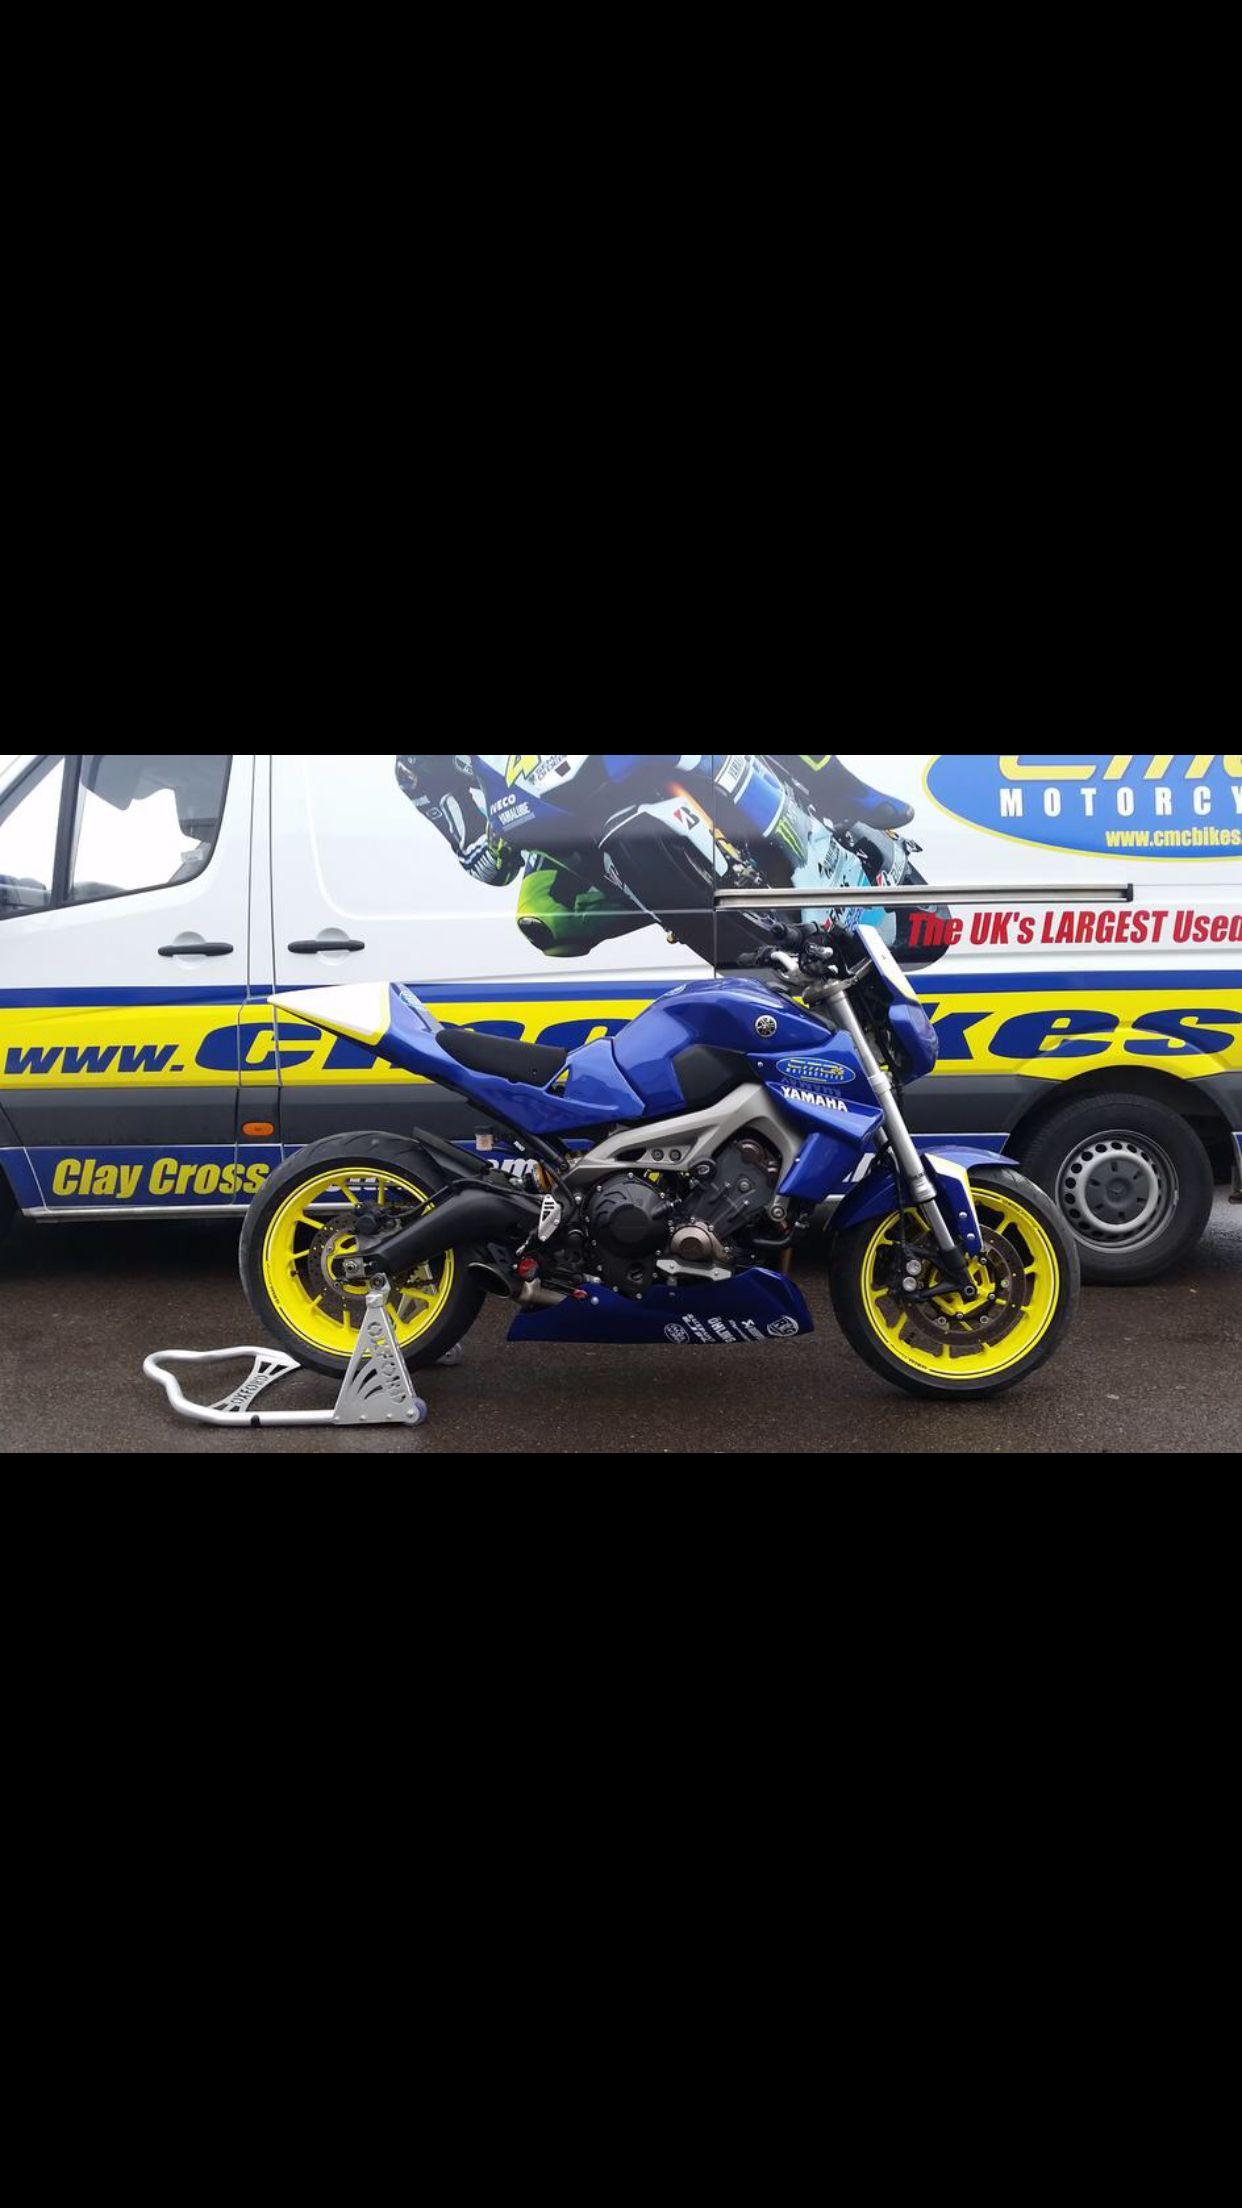 Sick Ass FZ 09 Race Bike  | Fz 09's | Fz09, Yamaha fz 09, Cars